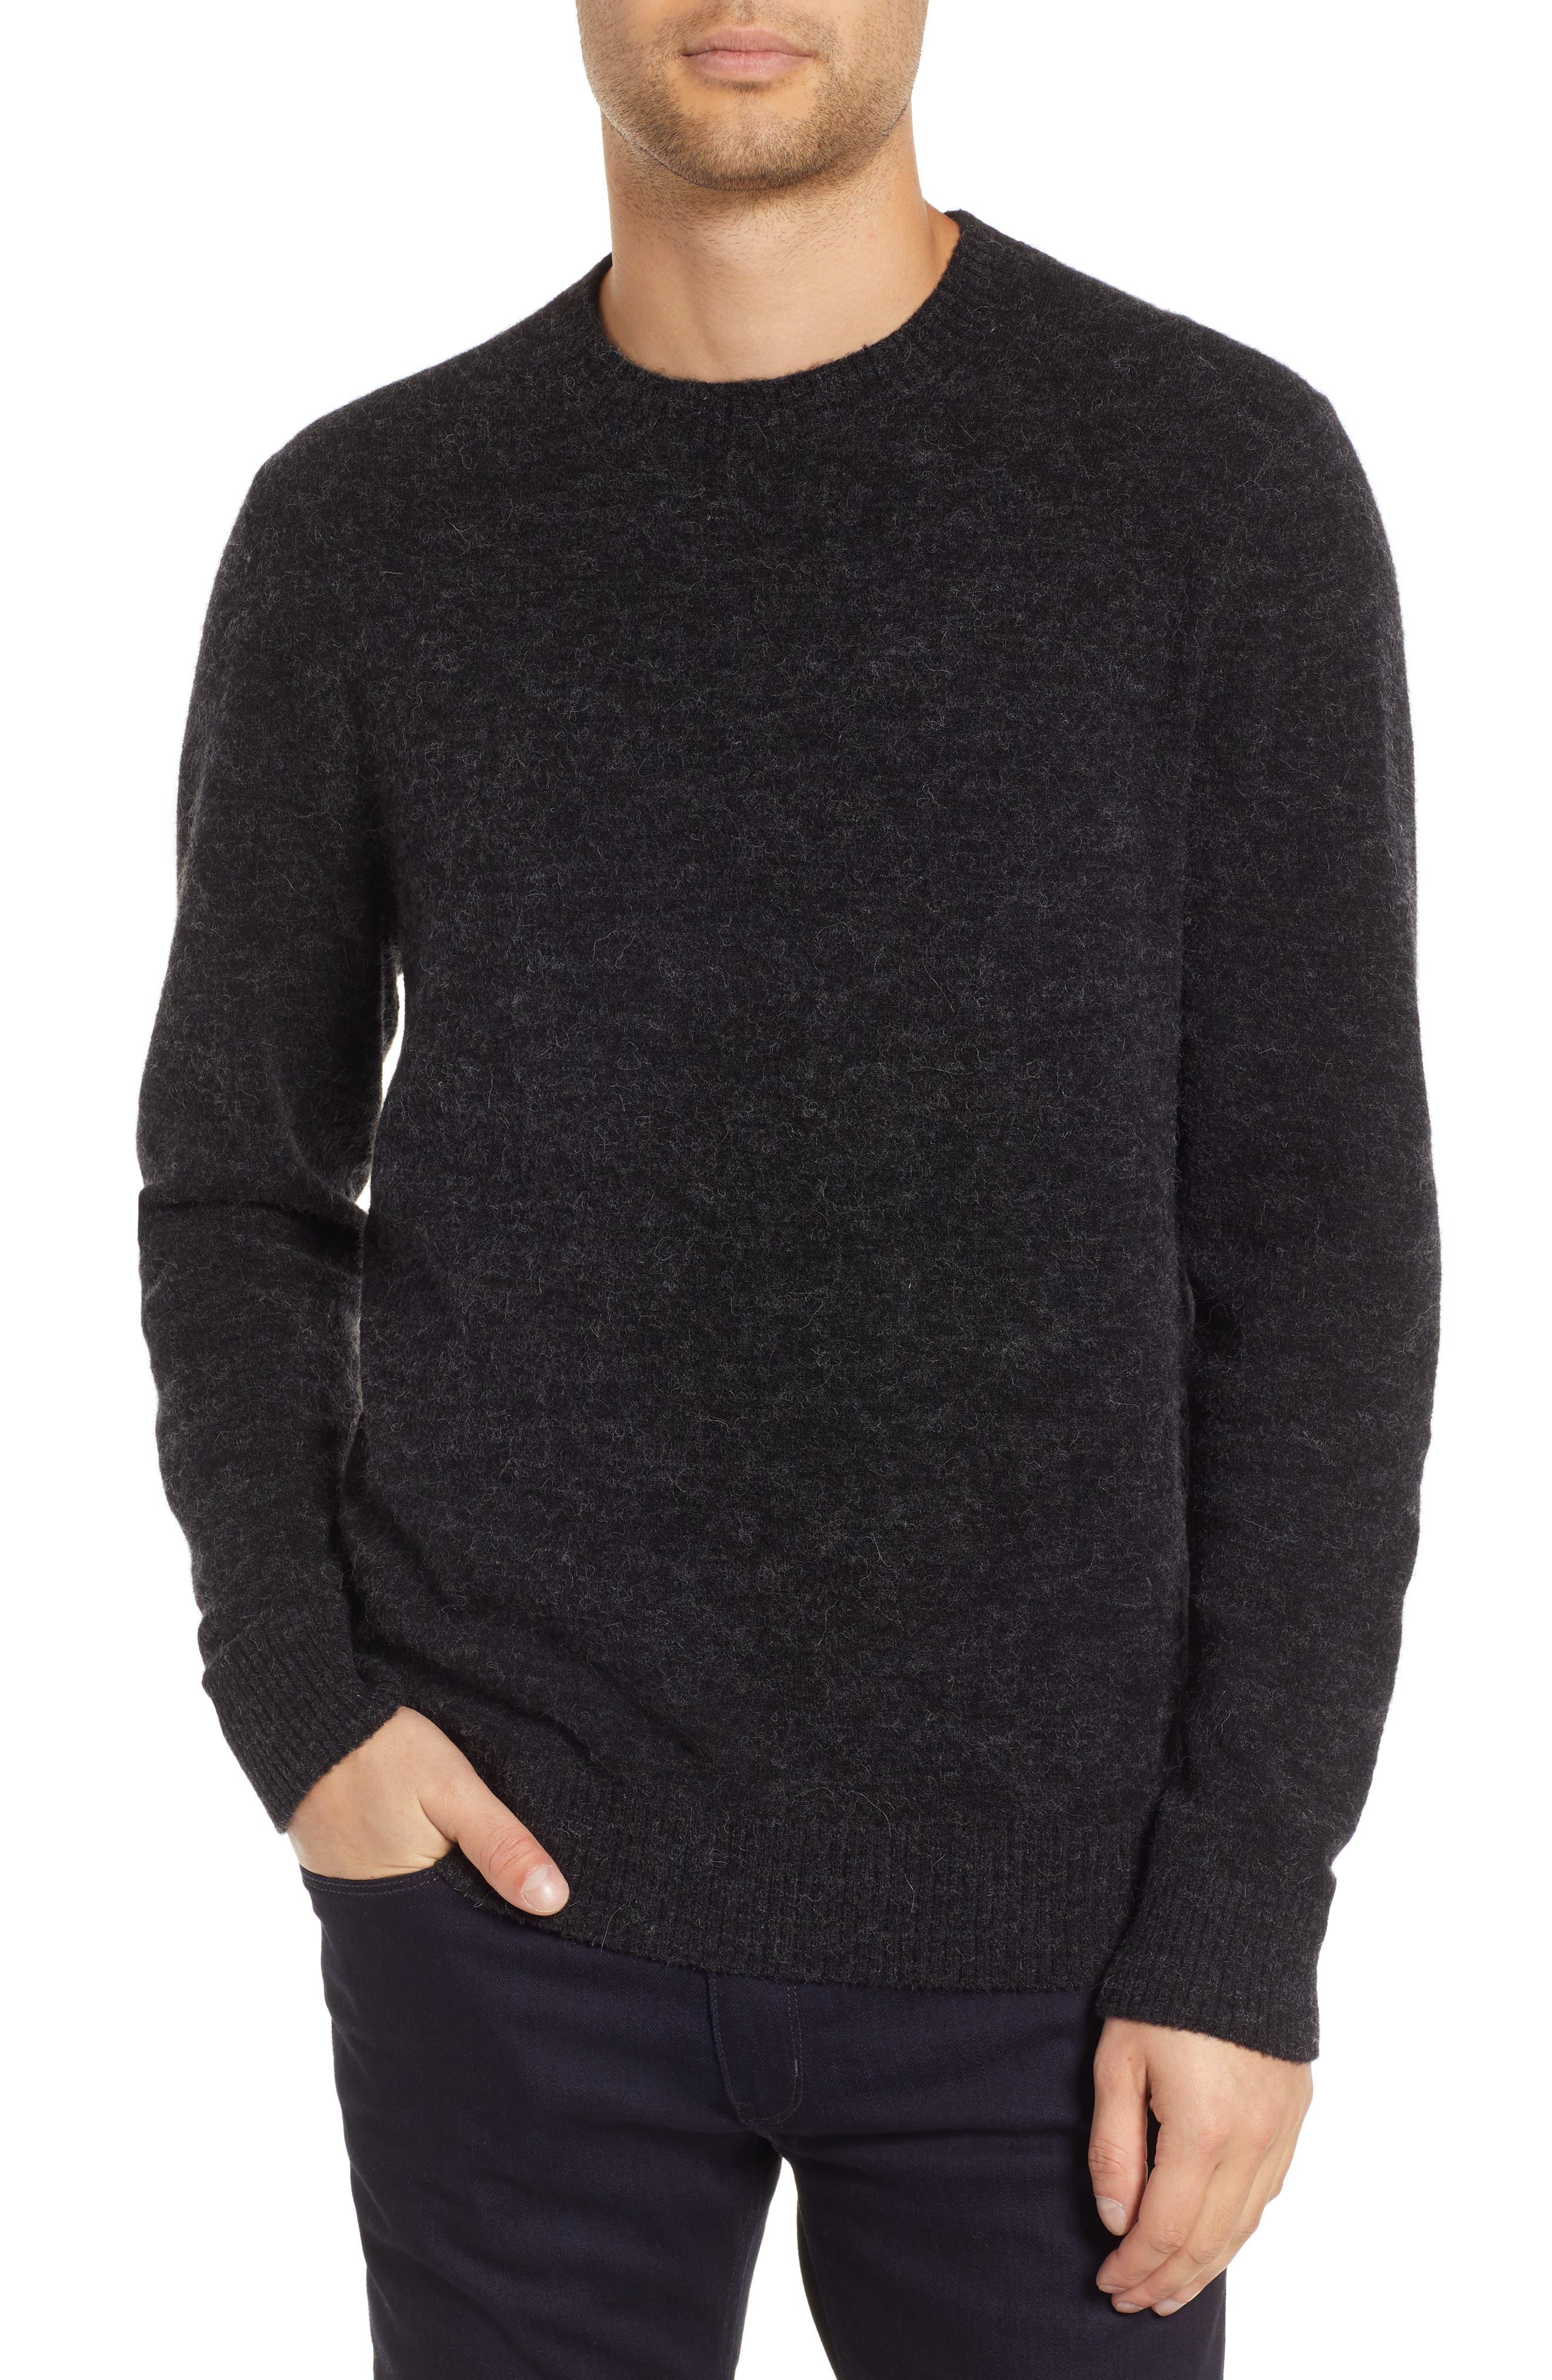 Seridon Oversize Crewneck Sweater,                             Main thumbnail 1, color,                             020